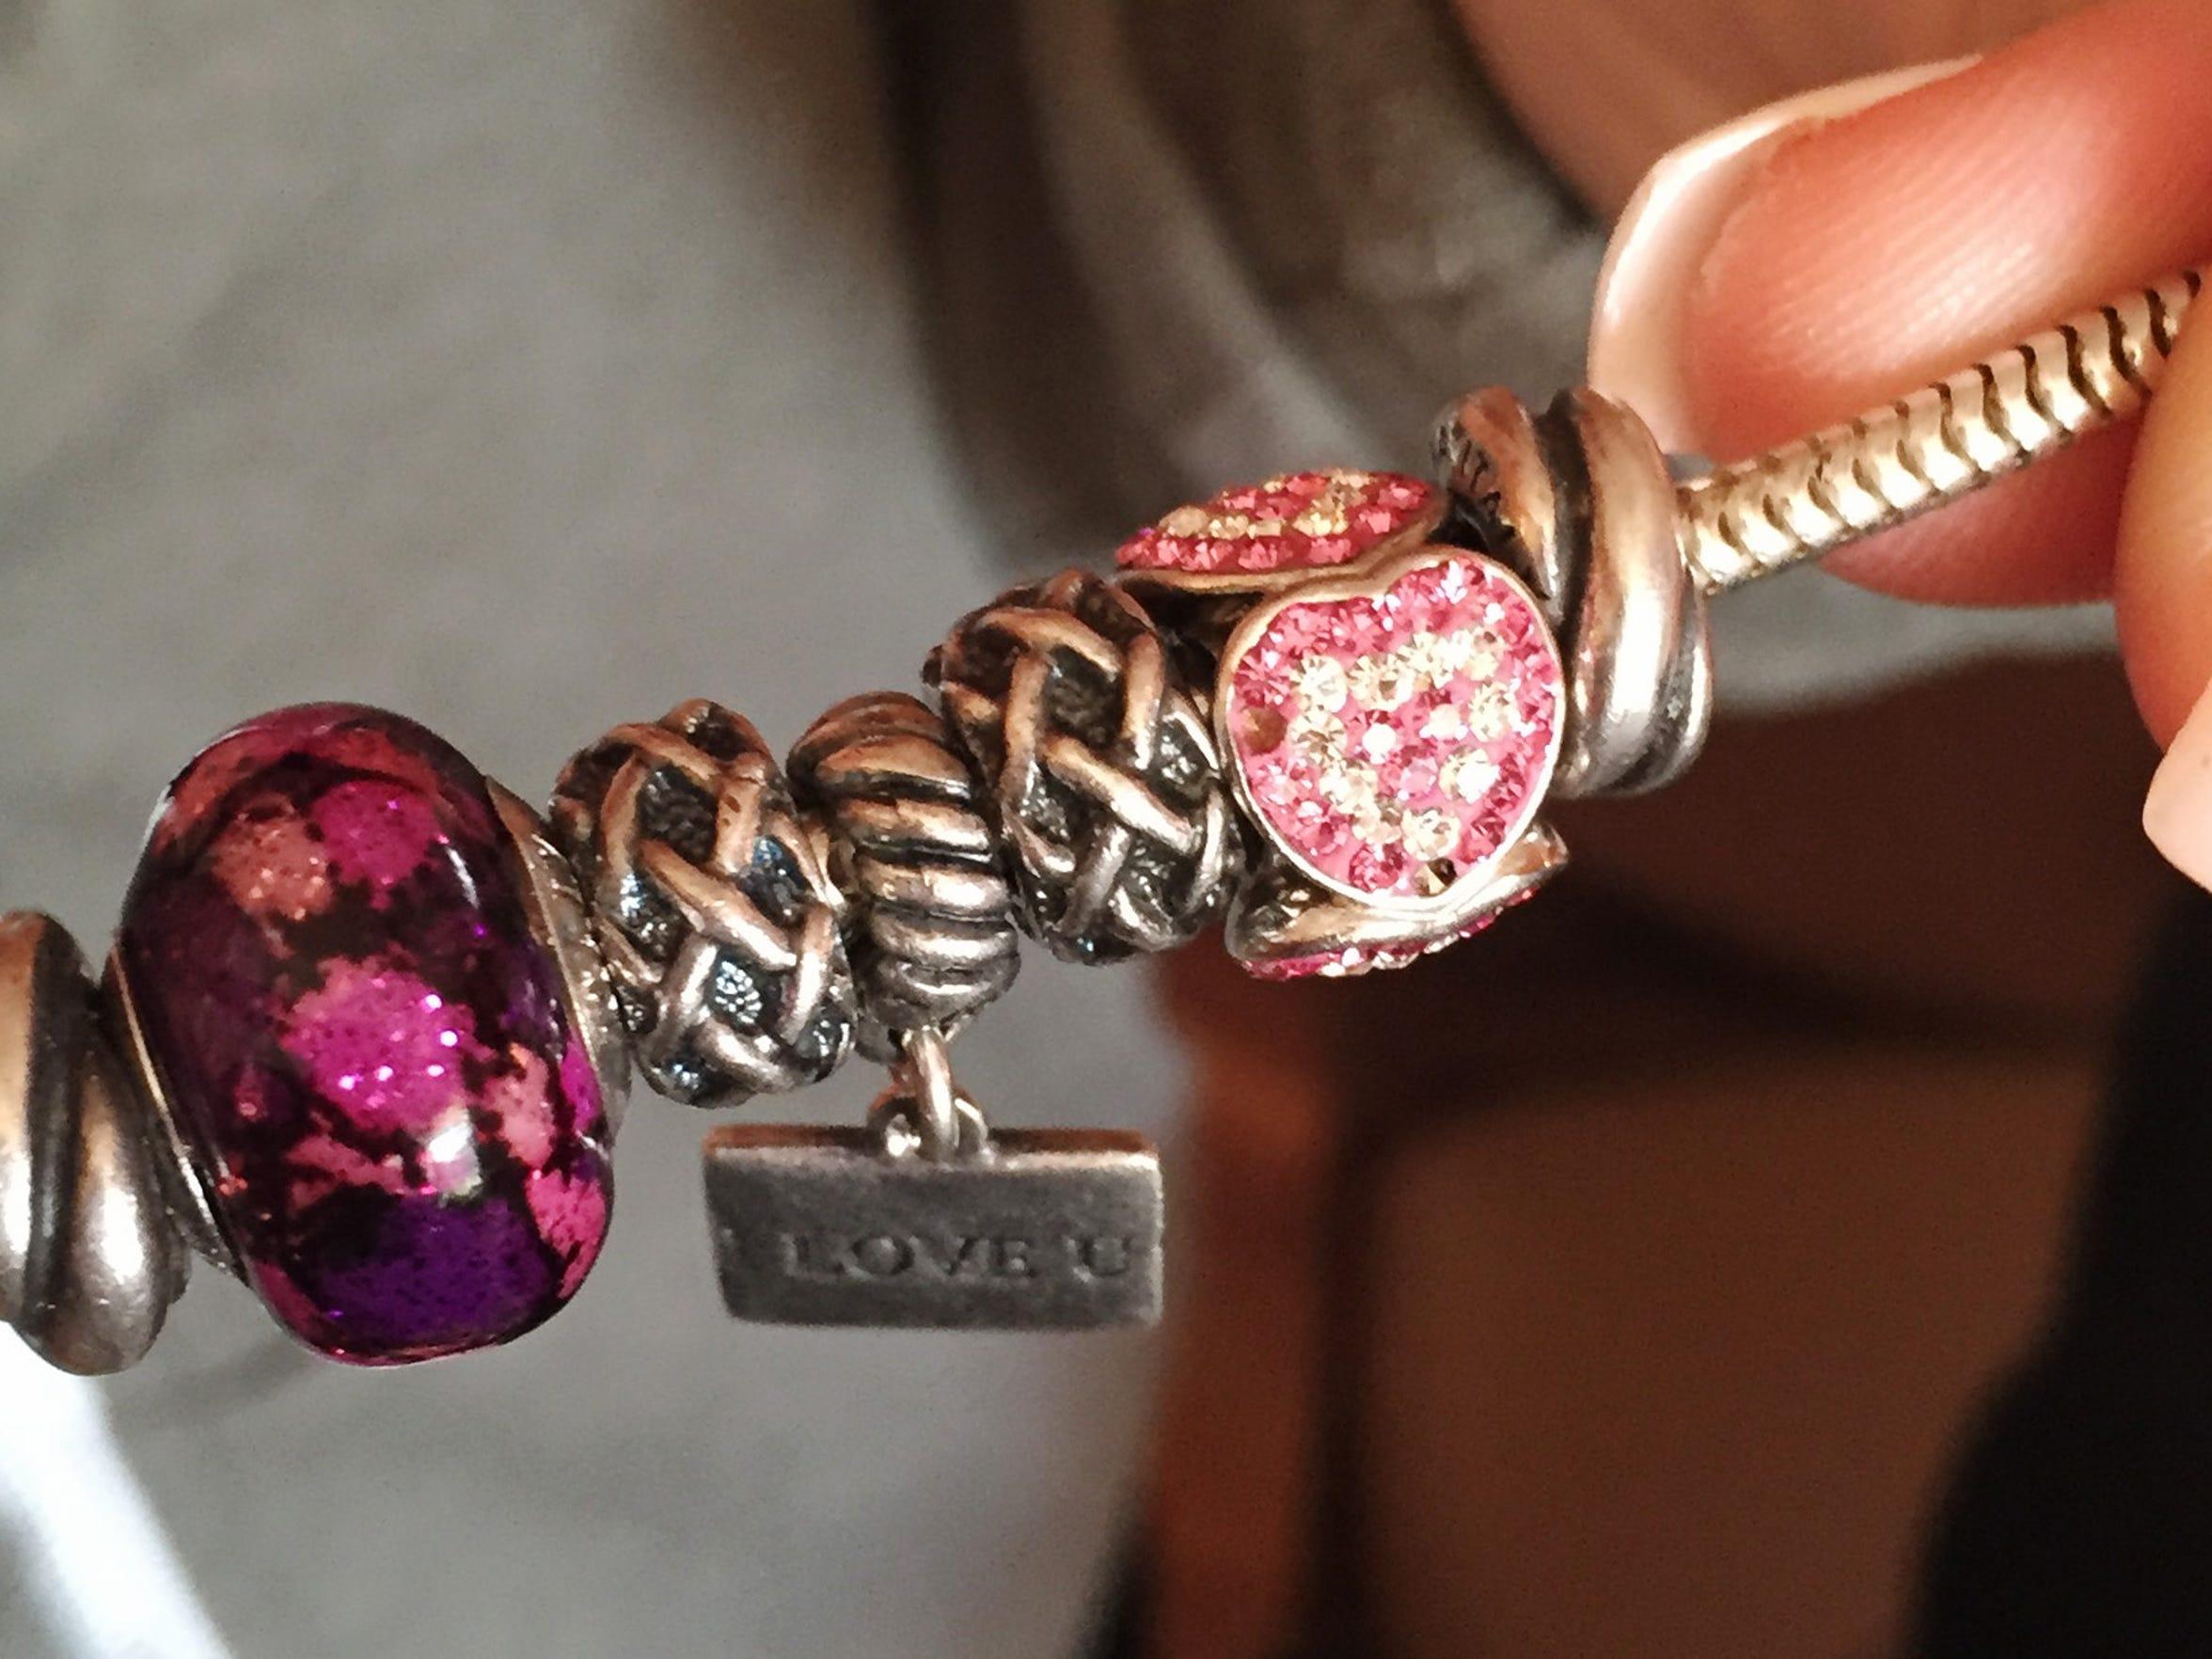 Brittany Hatfield holds a bracelet her ex-boyfriend,